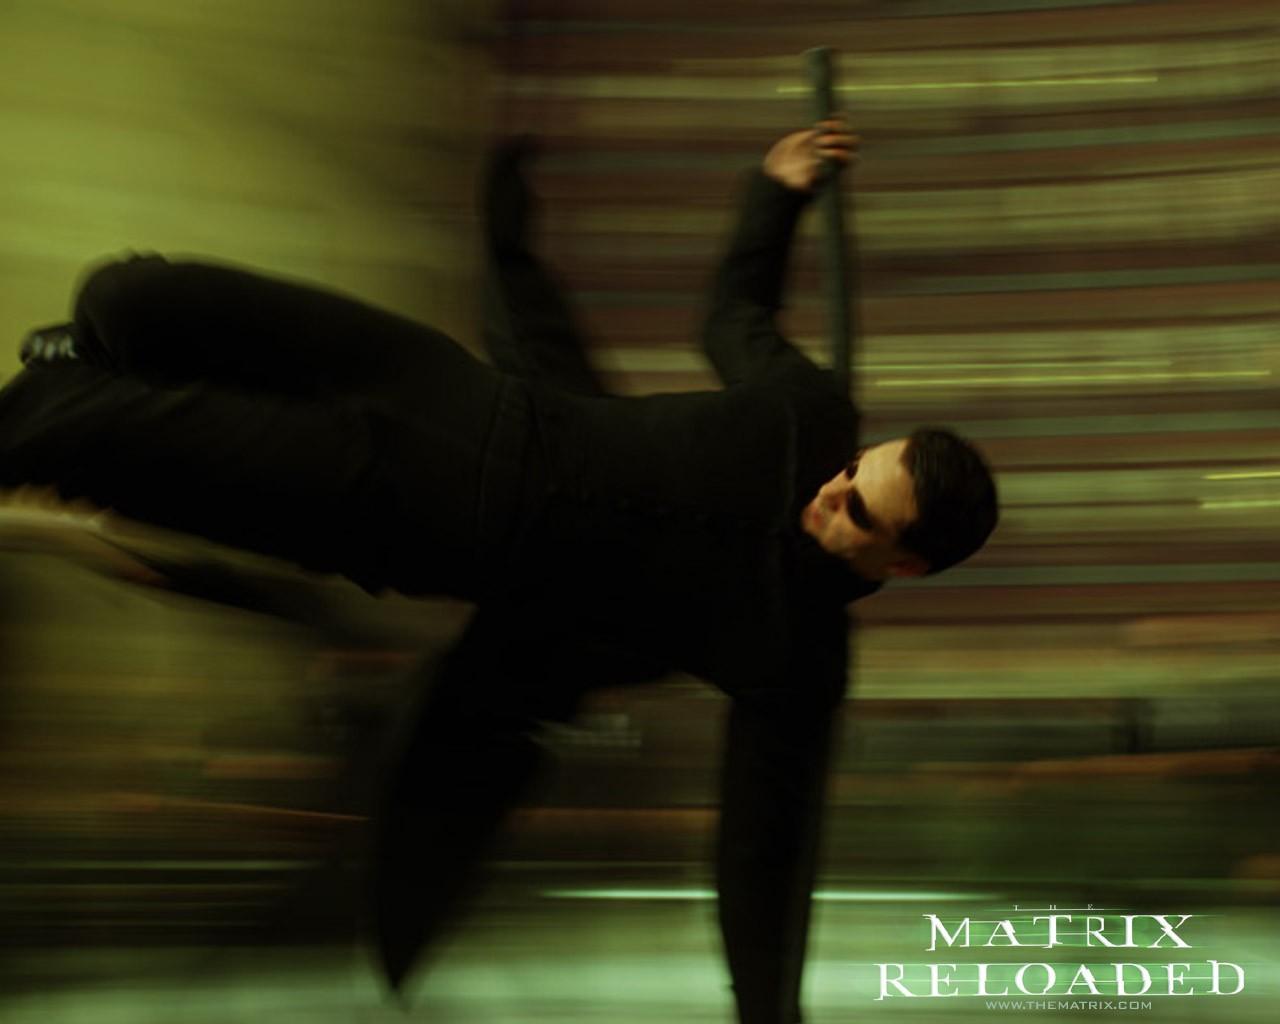 Keanu Reeves as matrix